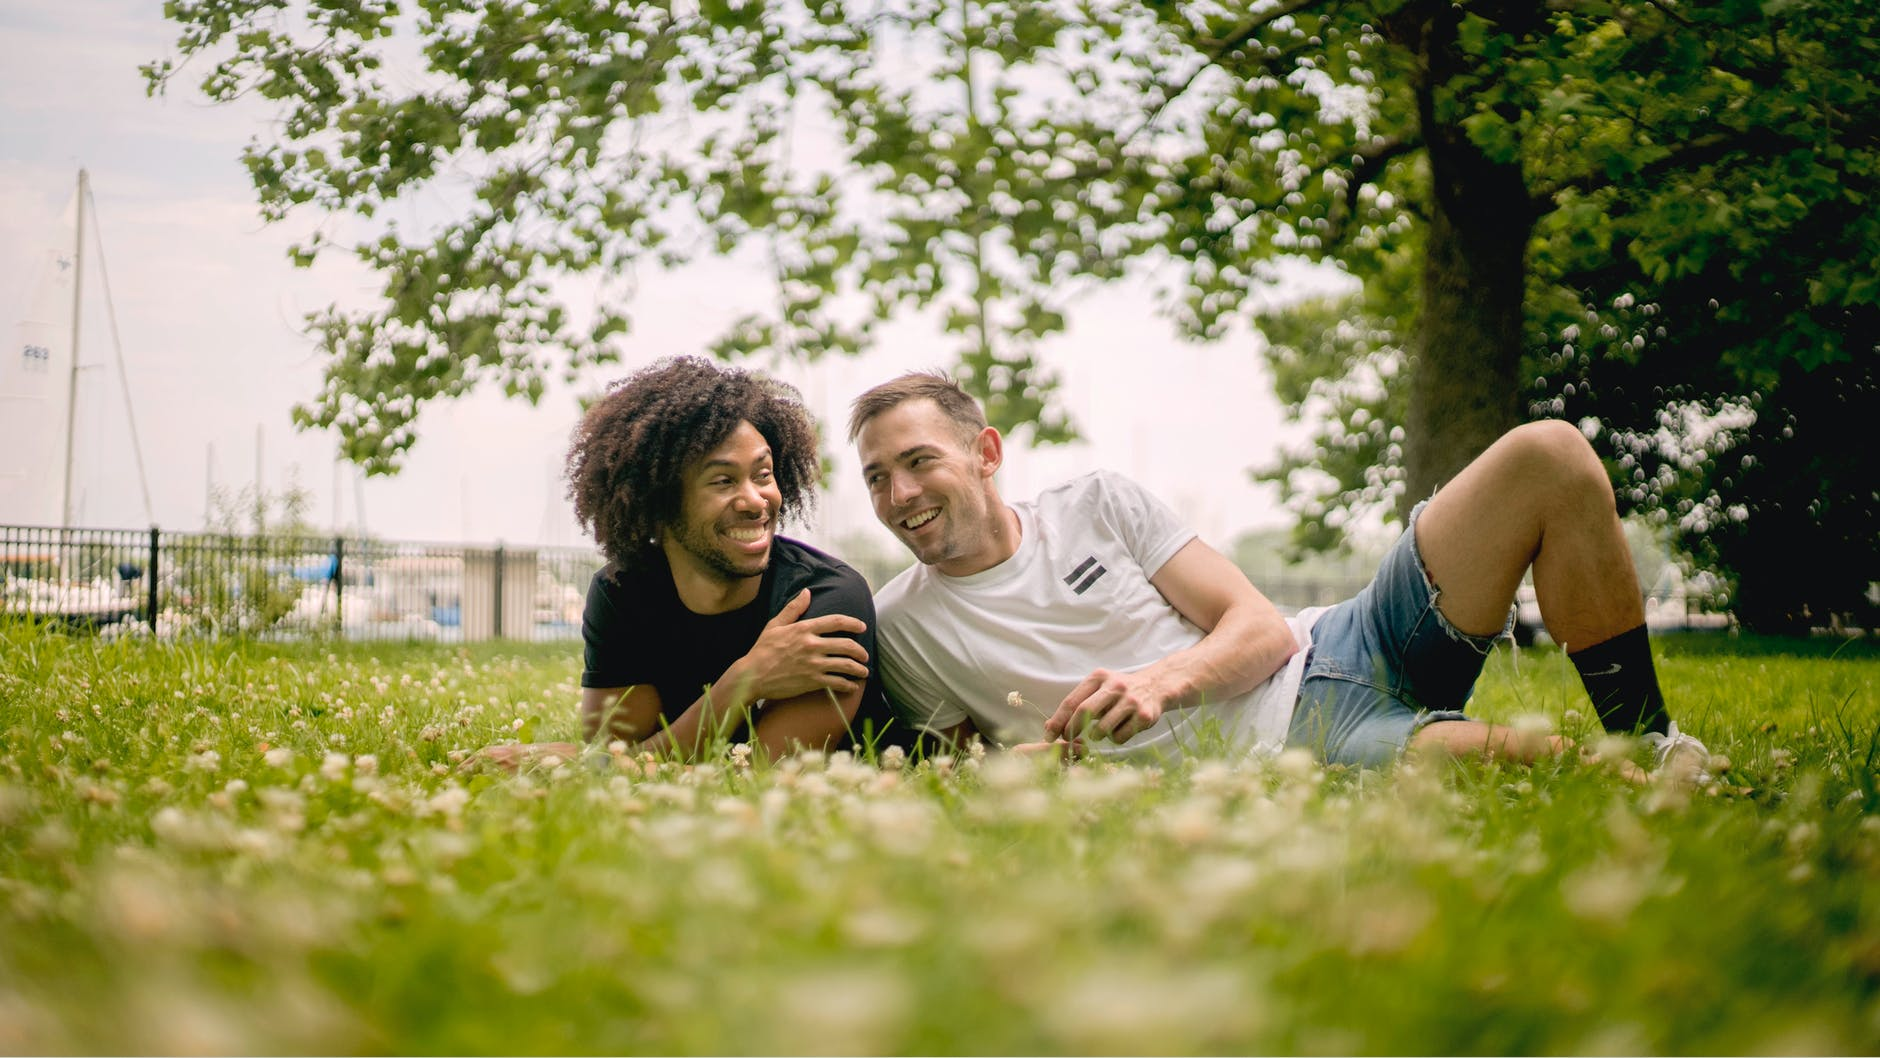 smiling men lying on grass